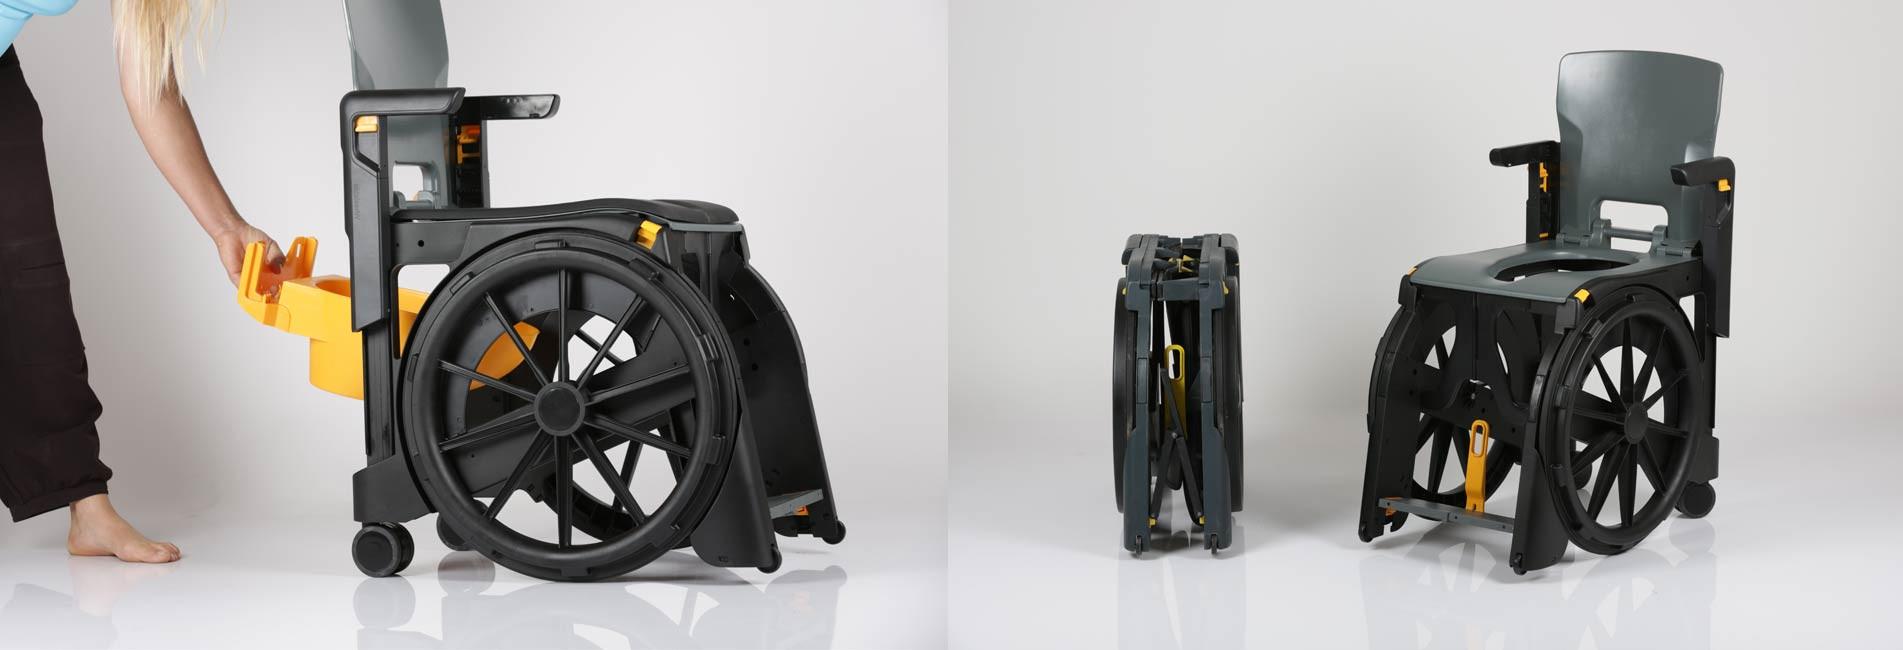 Fauteuil d'aisance WheelAble, produit révolutionnaire pour les handicapé ou personnes à mobilité réduite